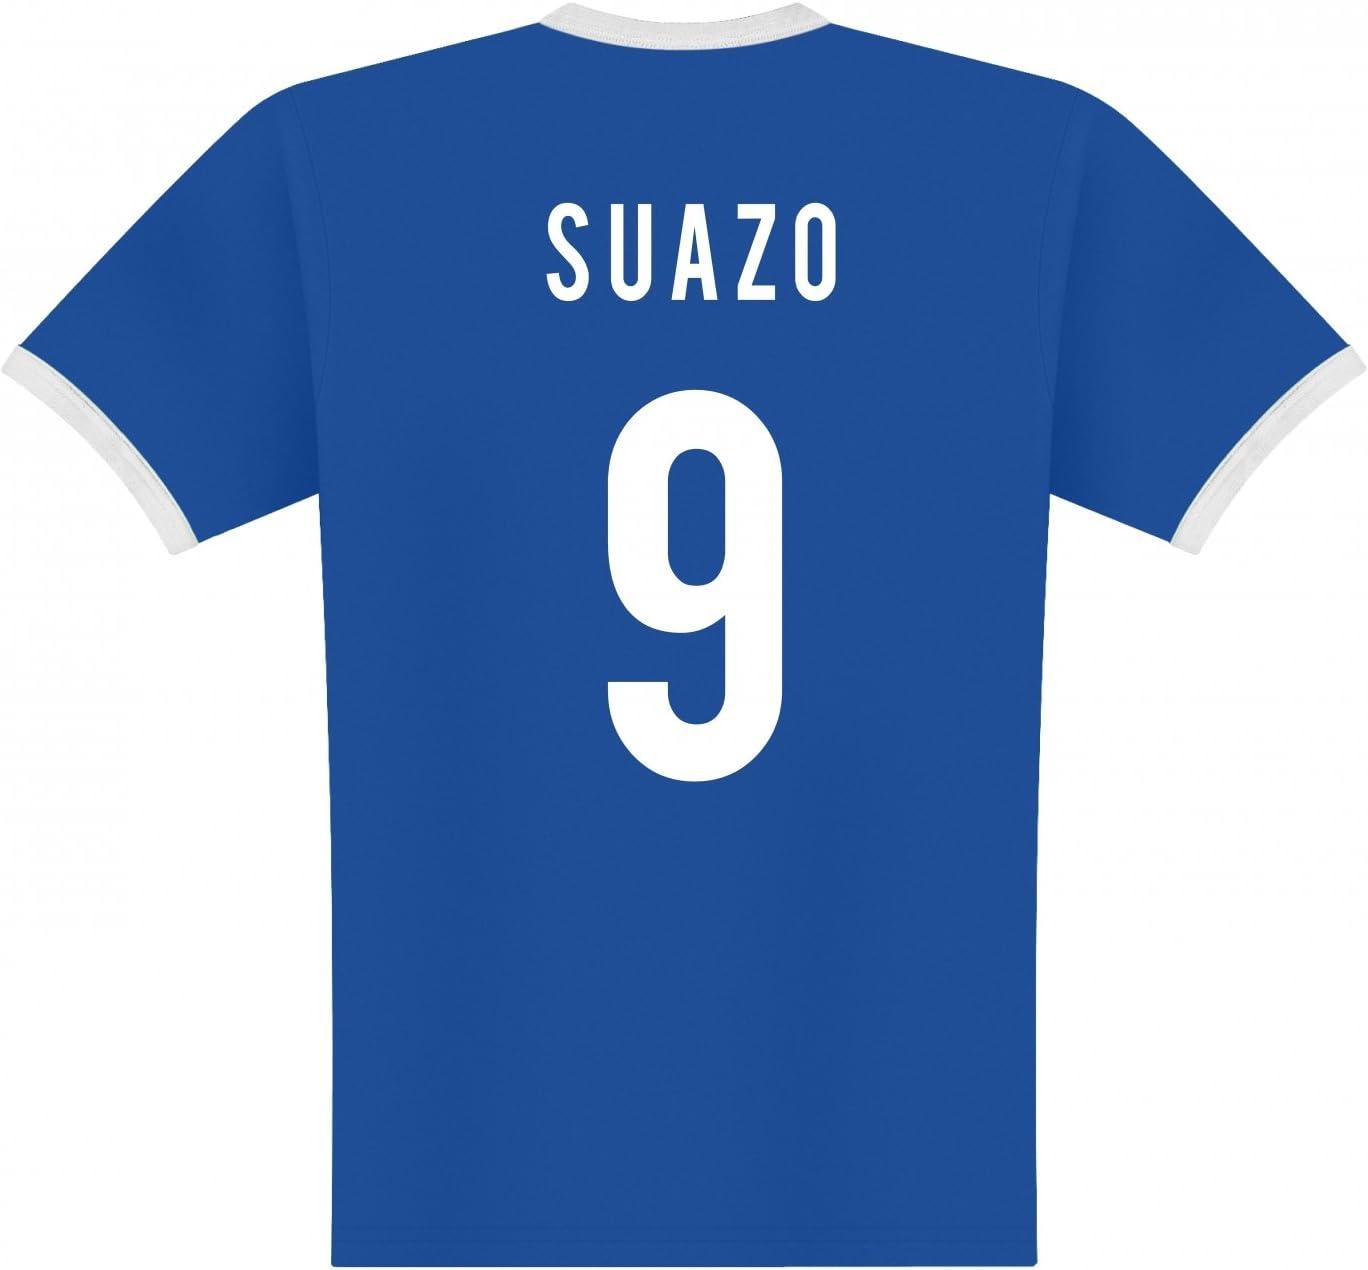 World of Football Player Camiseta Honduras suazo: Amazon.es: Deportes y aire libre